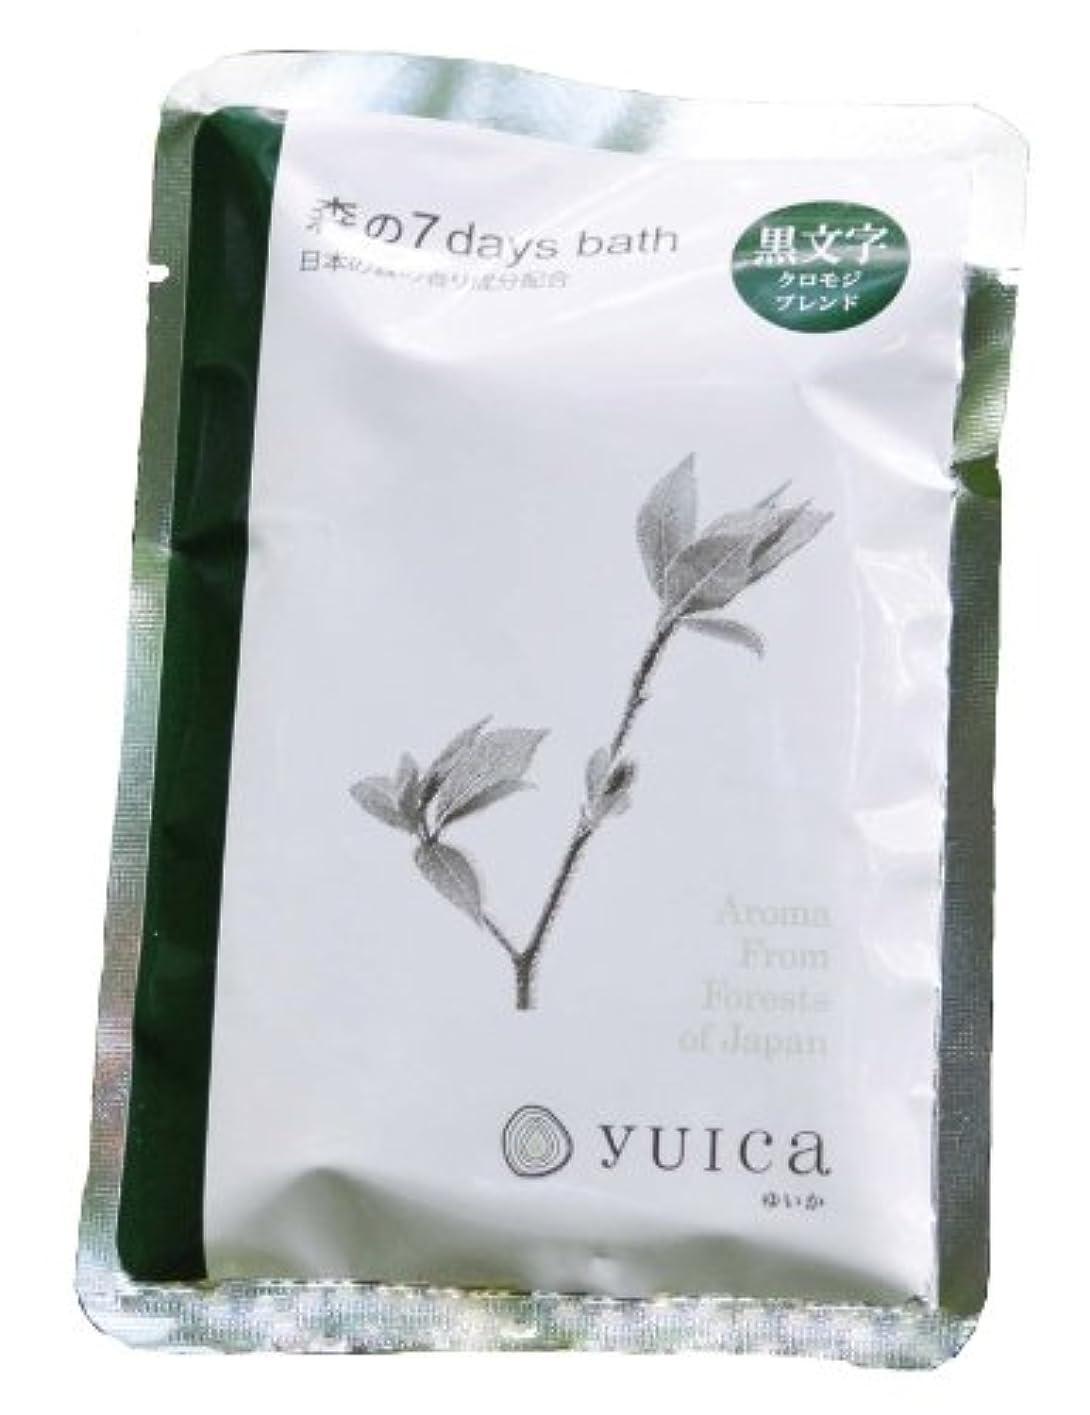 ホーム花火強要yuica 森の7 days bath(入浴パウダー)やすらぎの香り(クロモジブレンド) 60g